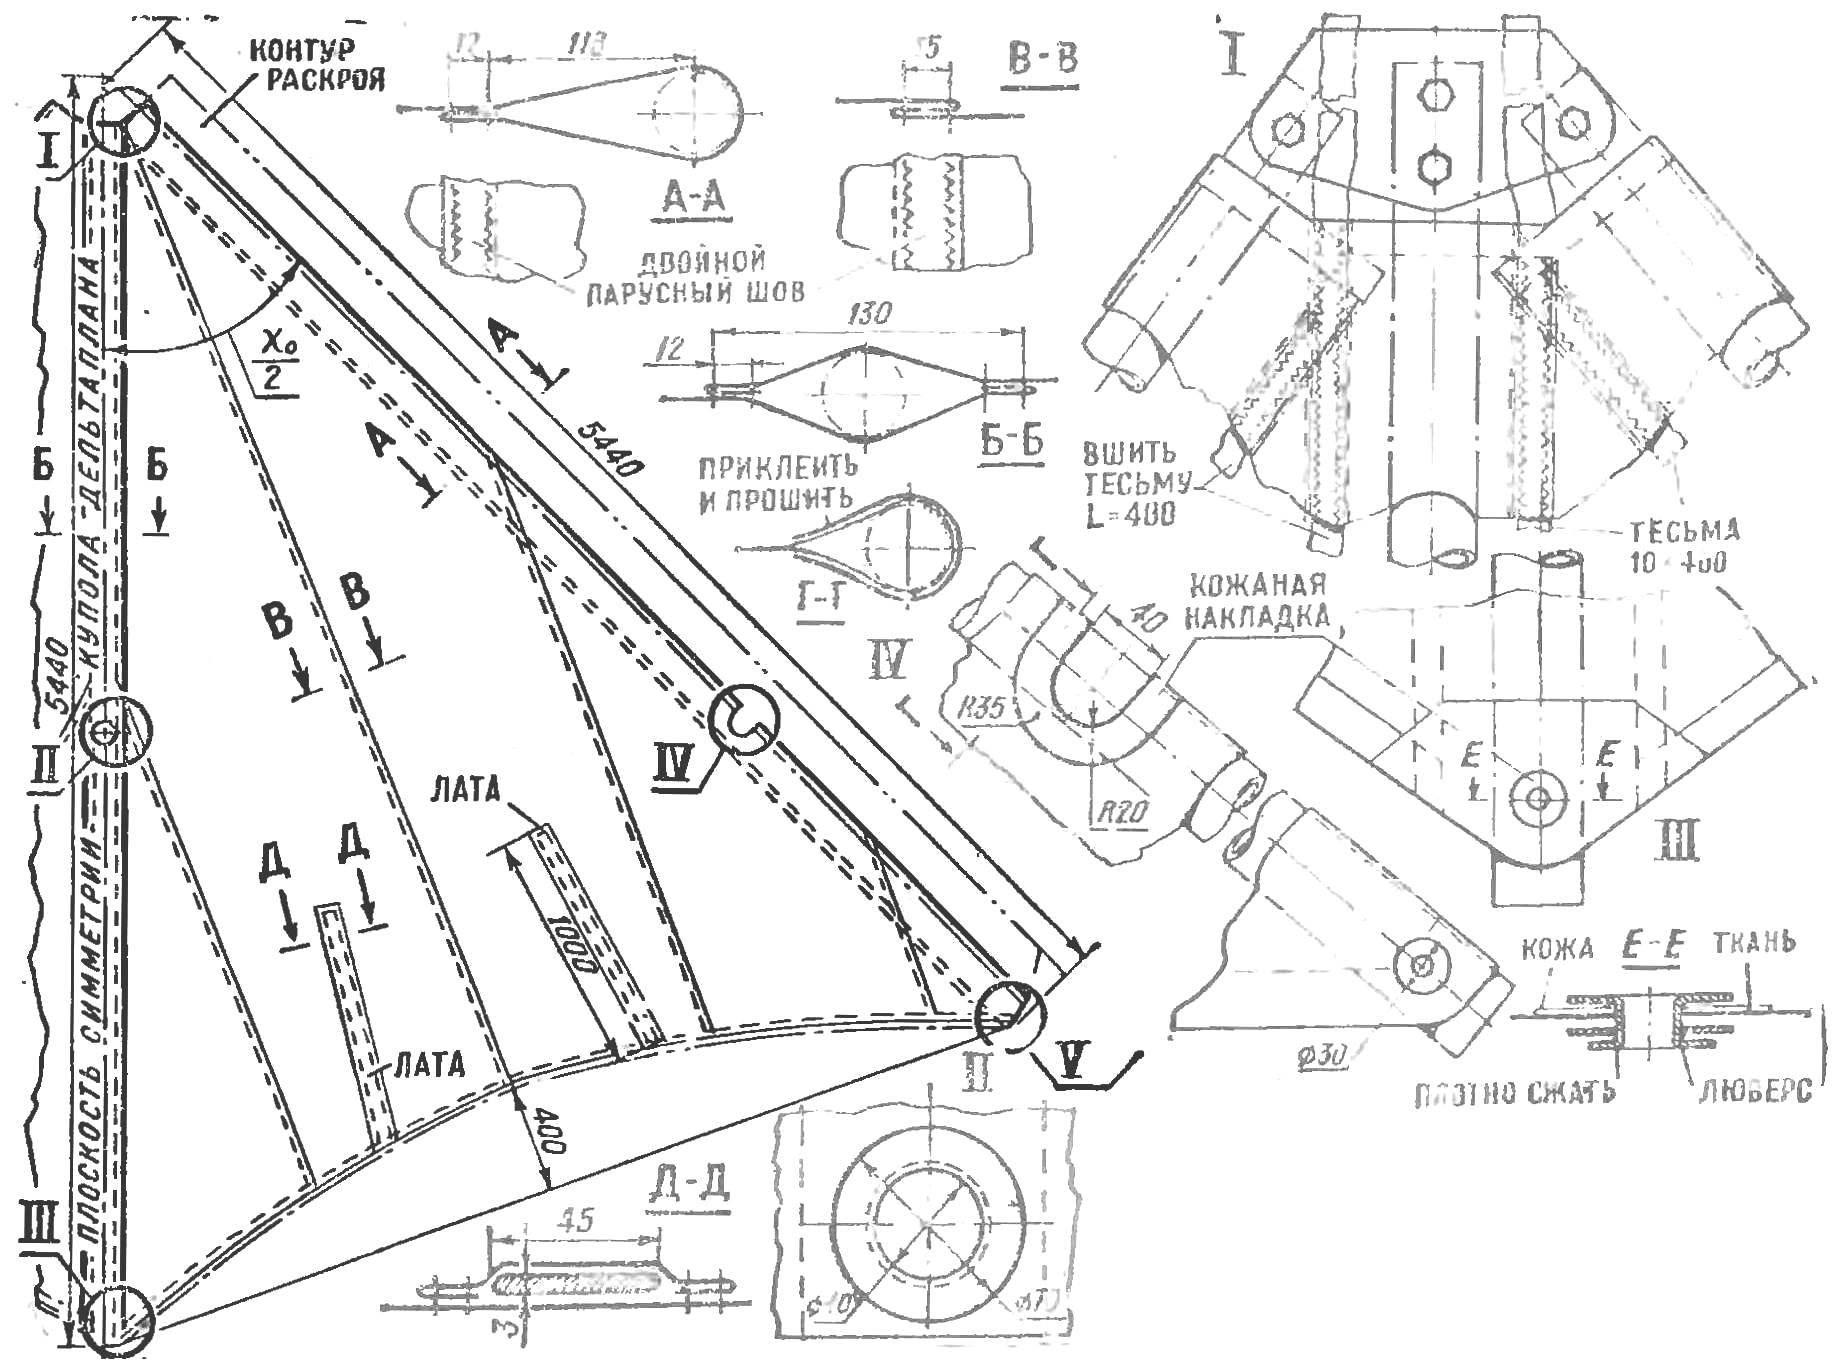 Рис. 2. Конструкция паруса (купола), технология выполнения швов, заделка отверстий и углов, крепление купола к каркасу; купол в плане (на схеме показано наивыгоднейшее расположение полотнищ при ширине не более 900 мм).